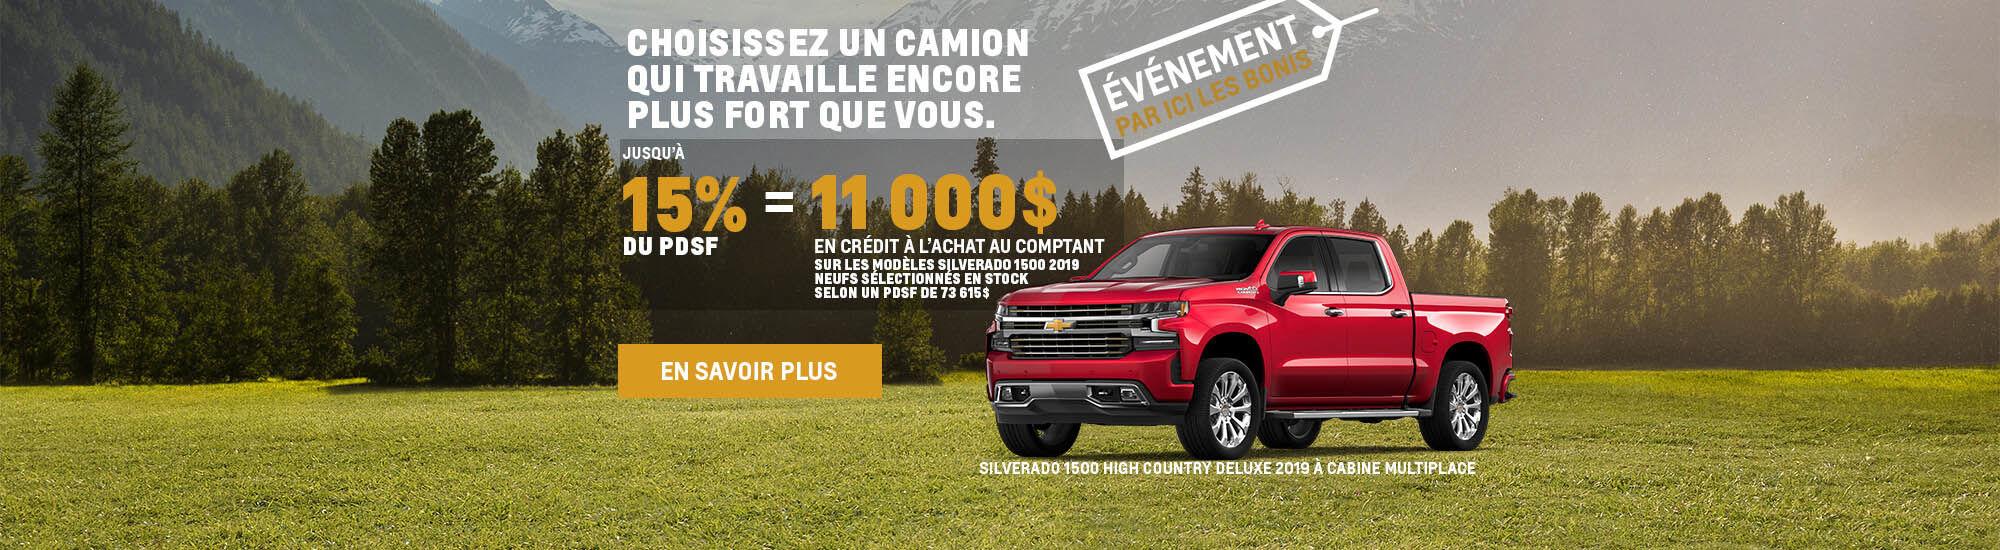 Événement Par ici les bonis Chevrolet